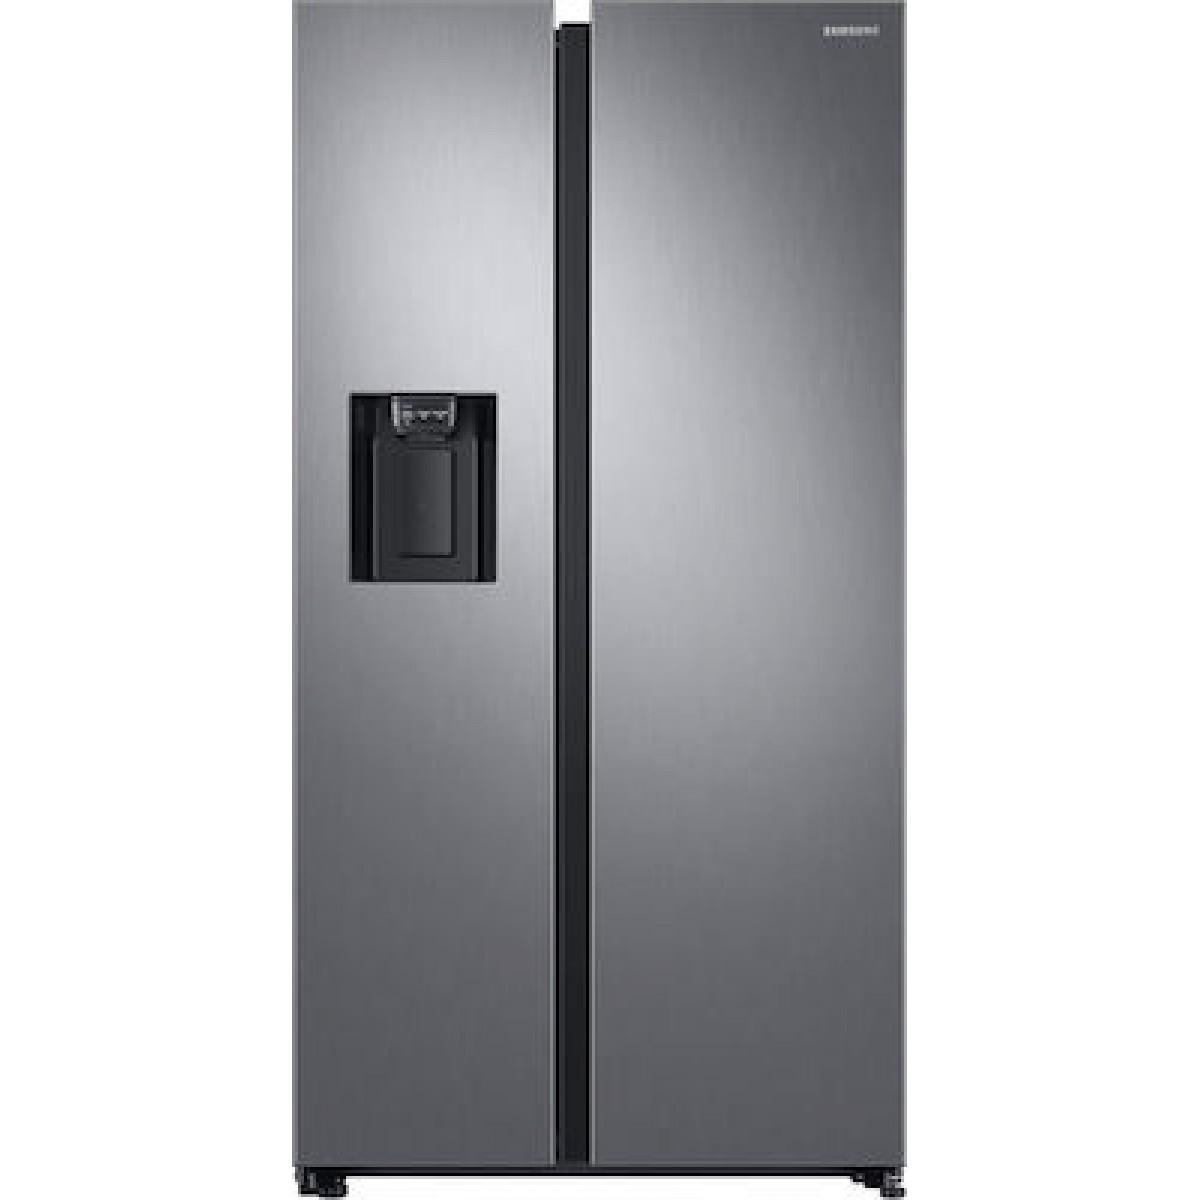 Ψυγείο Ντουλάπα Samsung RS68N8241S9 No Frost Inox A++  Ντουλαπες side by side